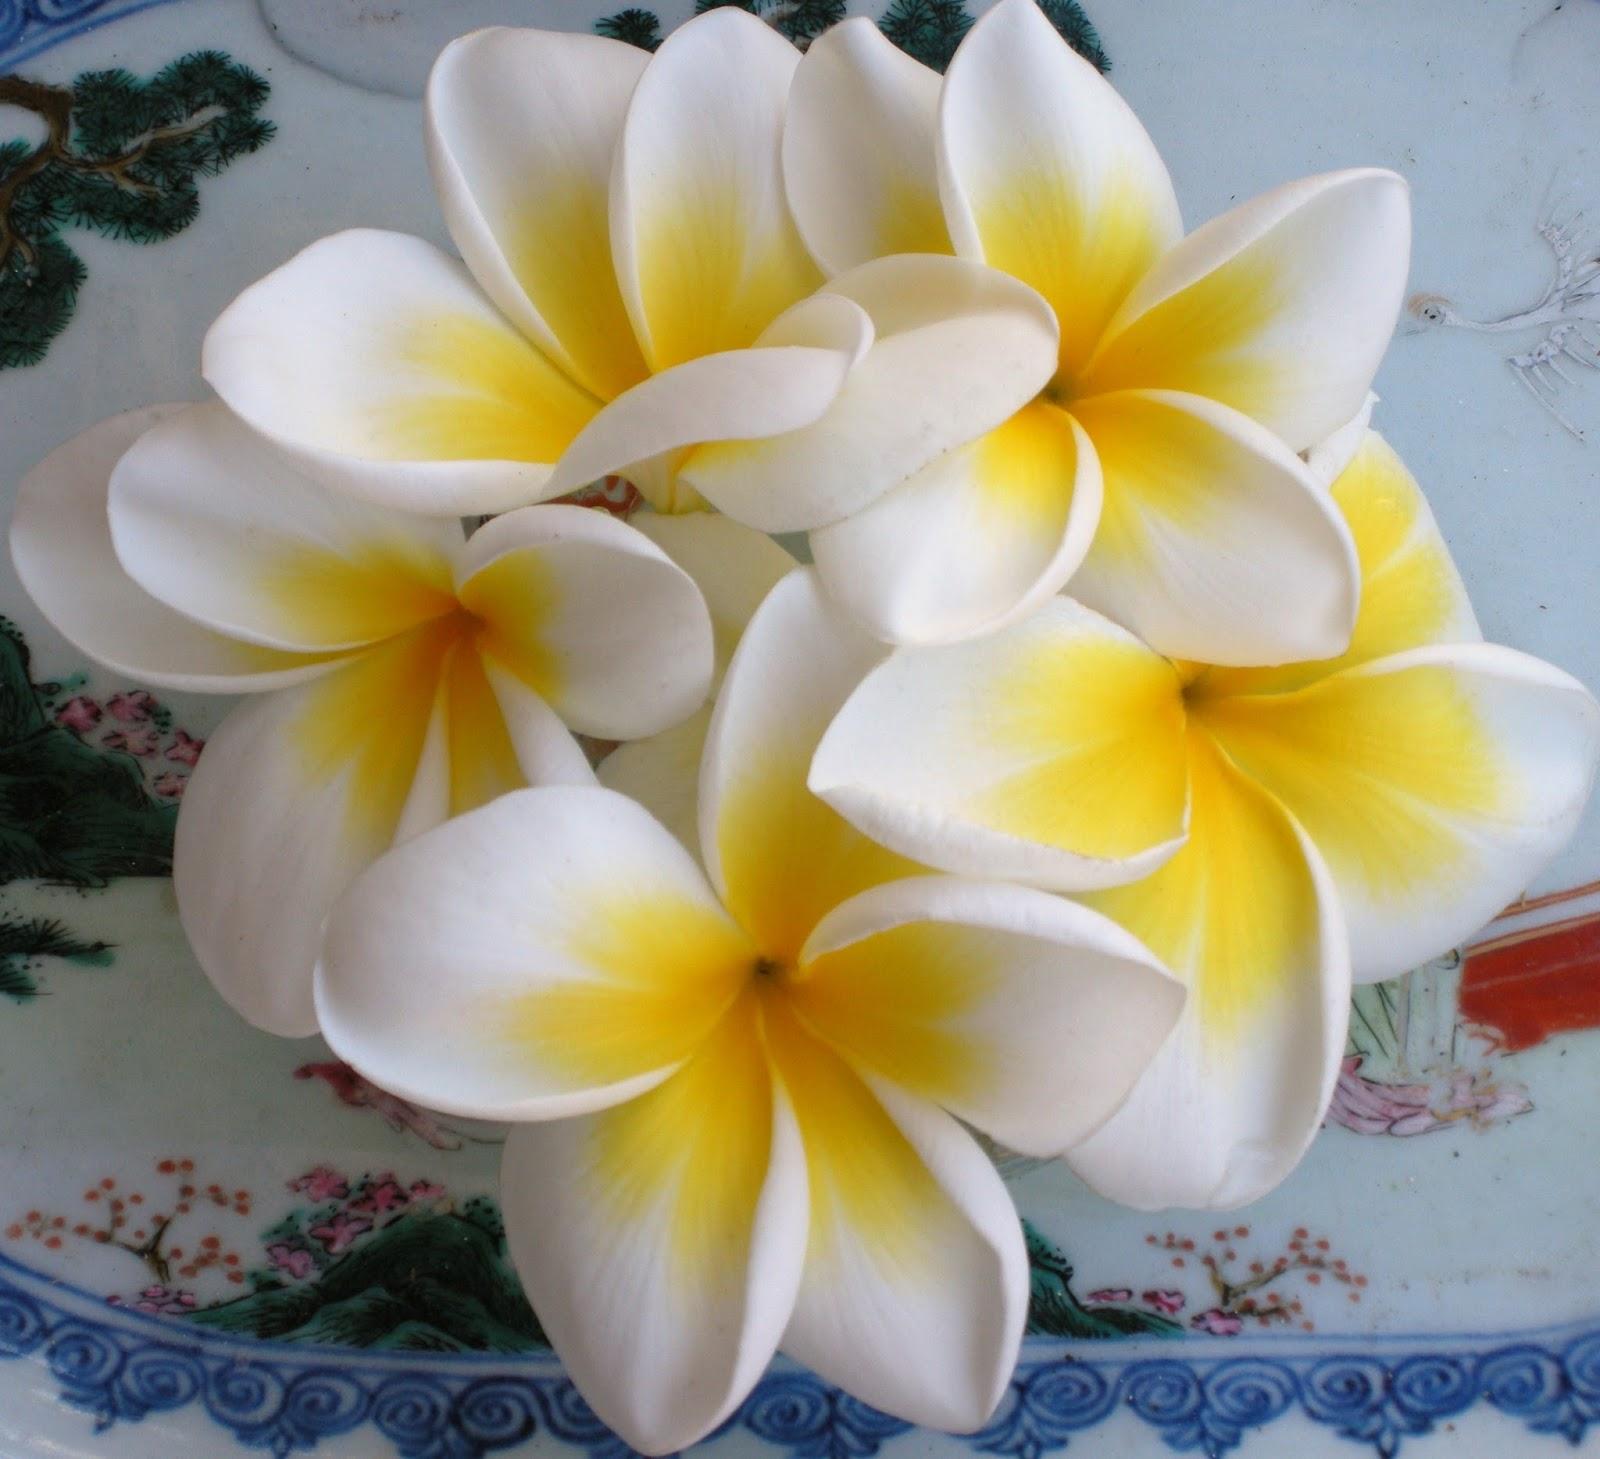 Plumerie di sicilia for Nomi fiori bianchi e gialli